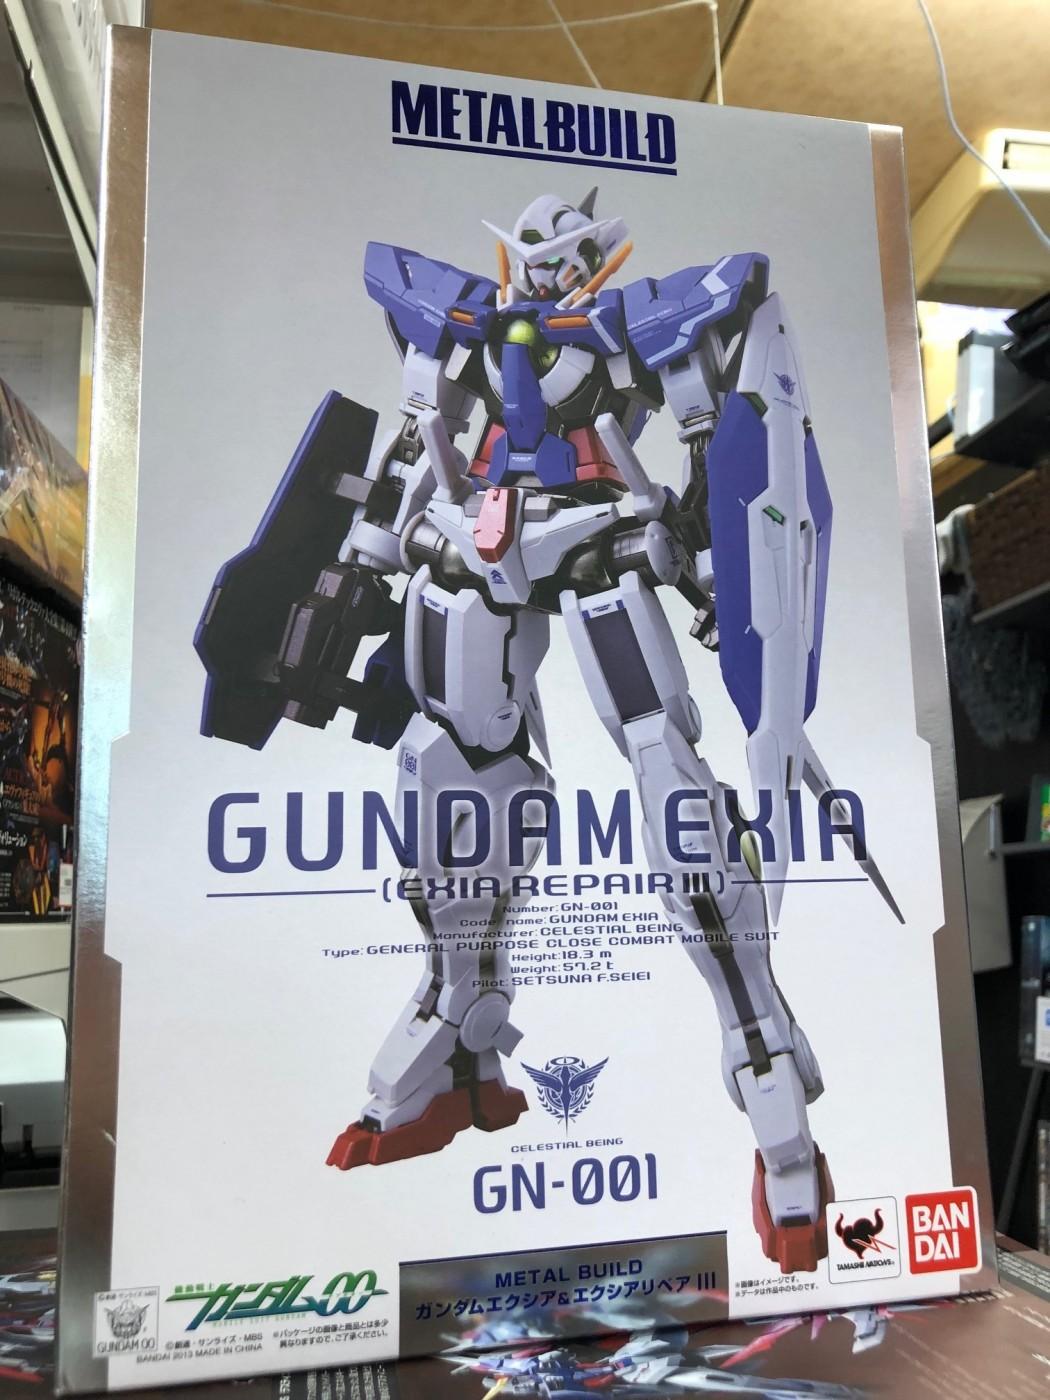 買取情報『METAL BUILDの機動戦士ガンダムOO ガンダムエクシア&エクシアリペアⅢ』